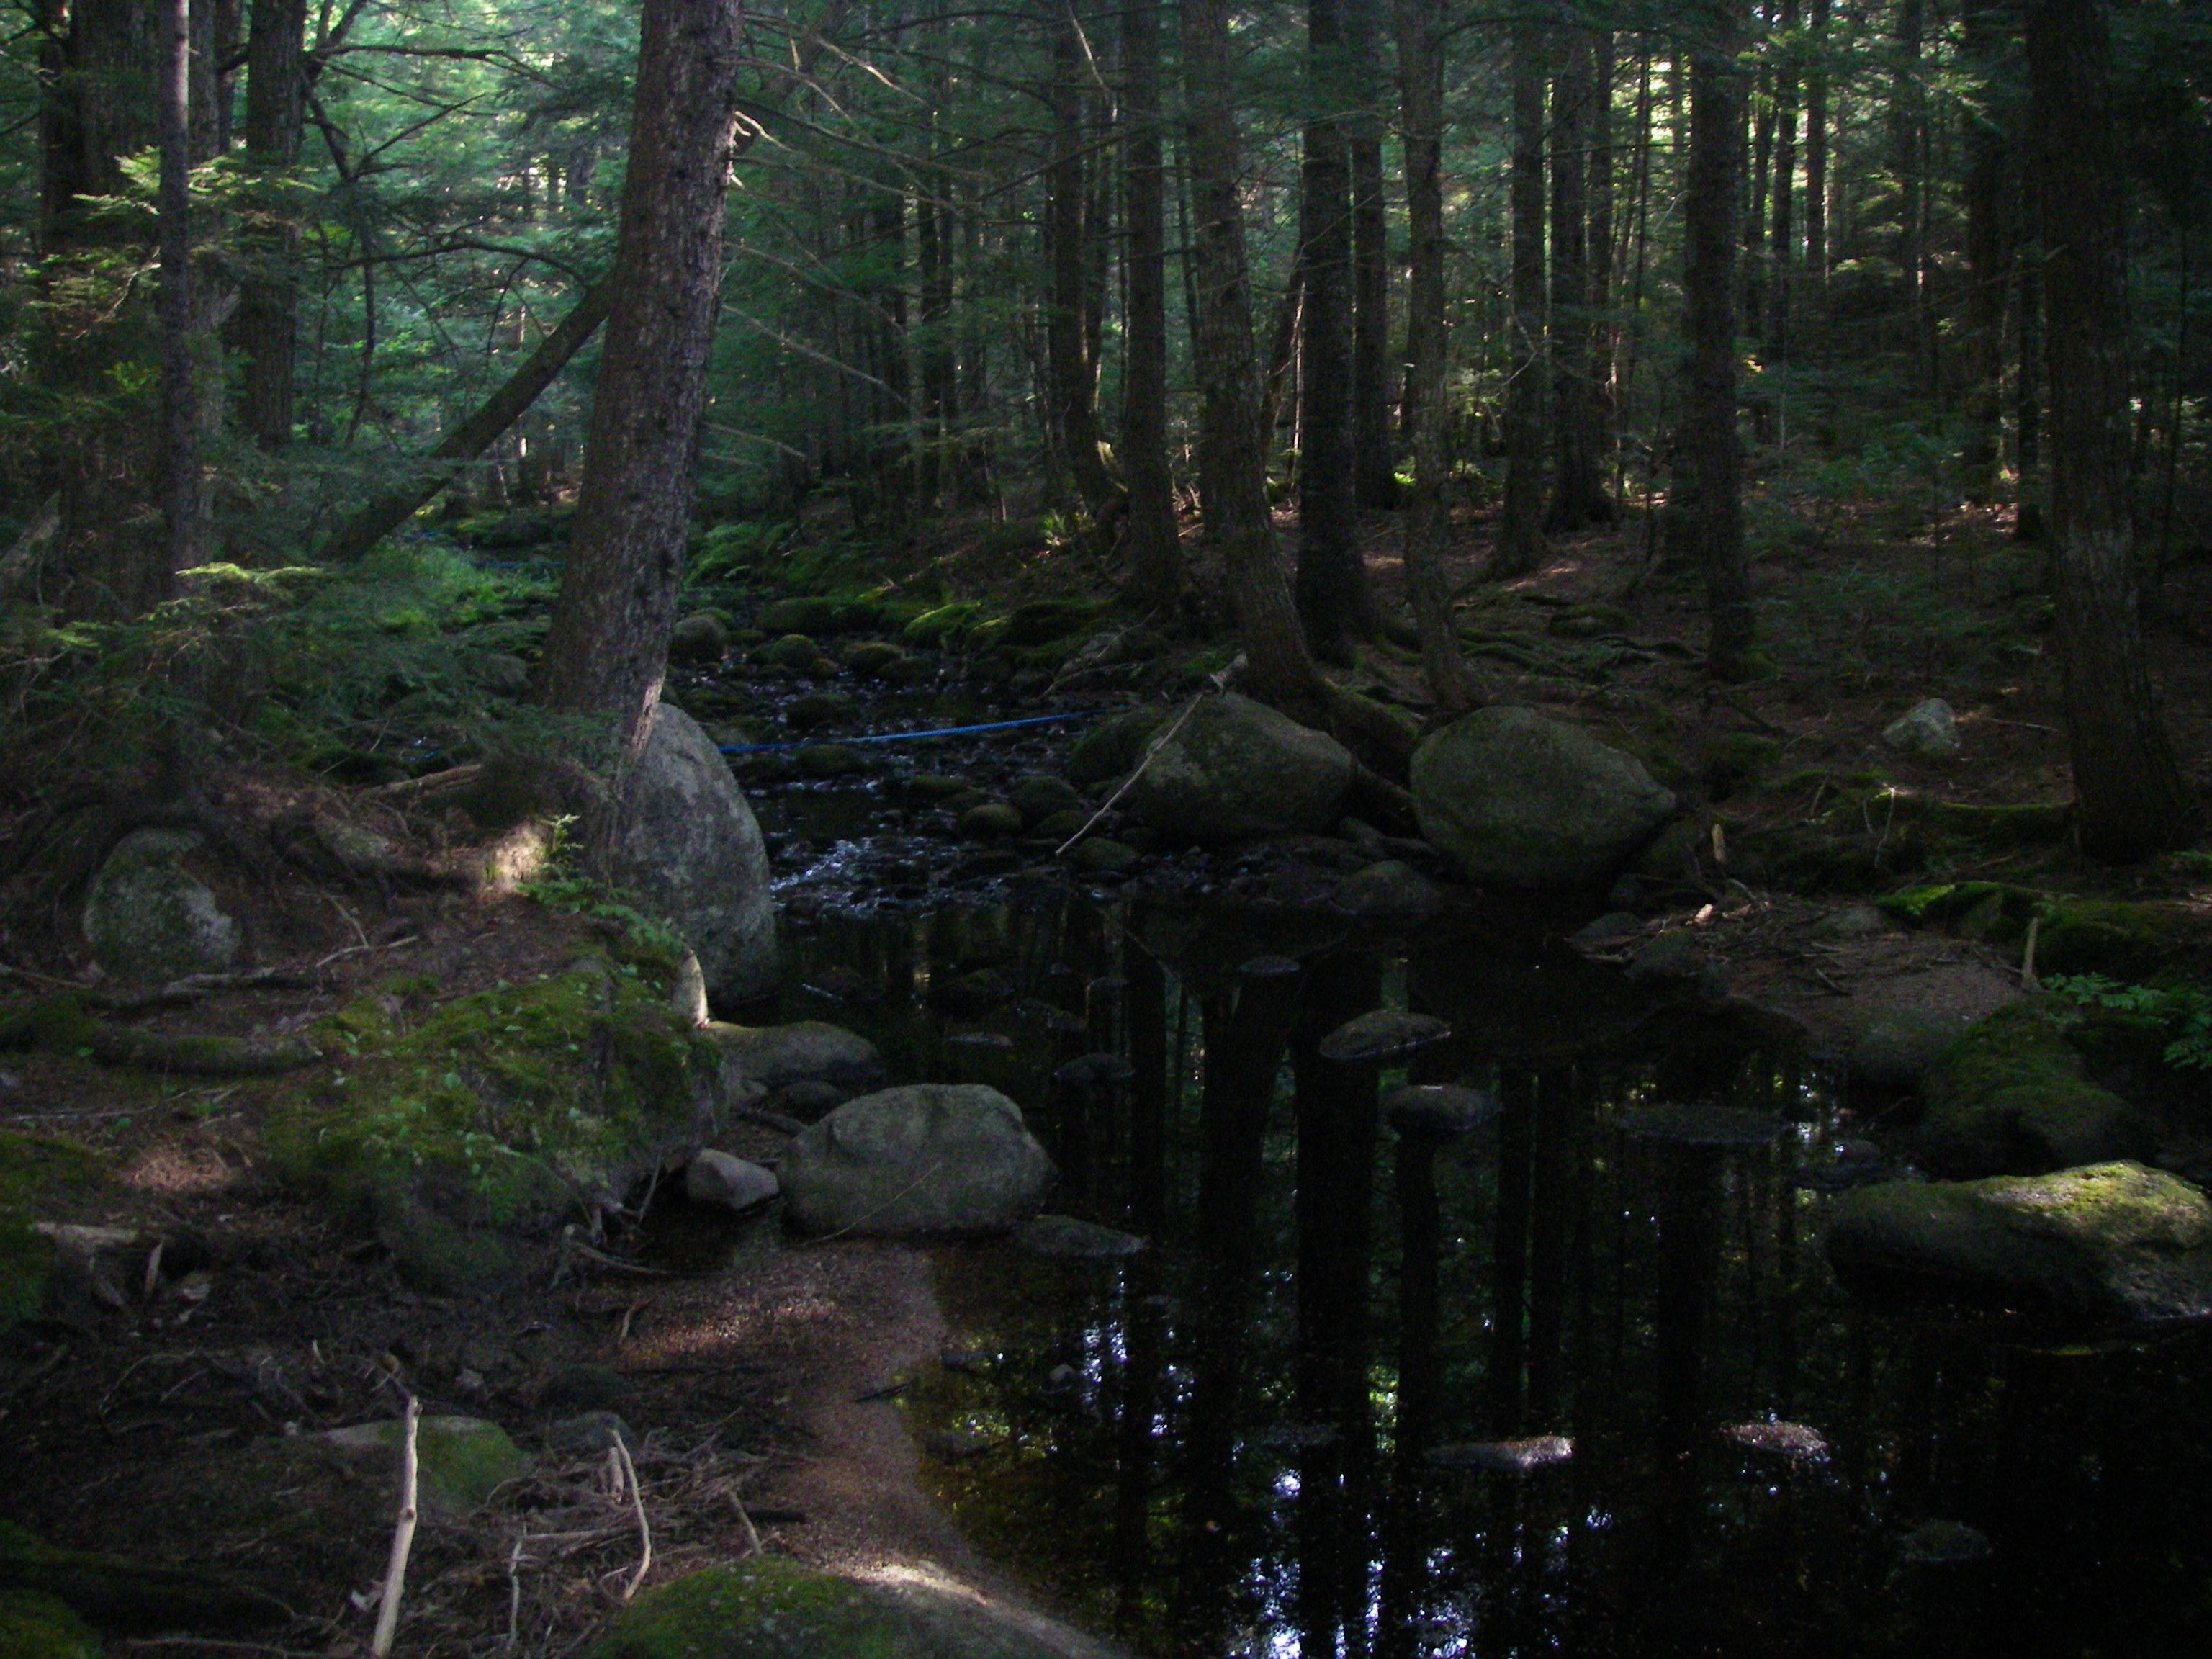 Carloe Brook, Maine